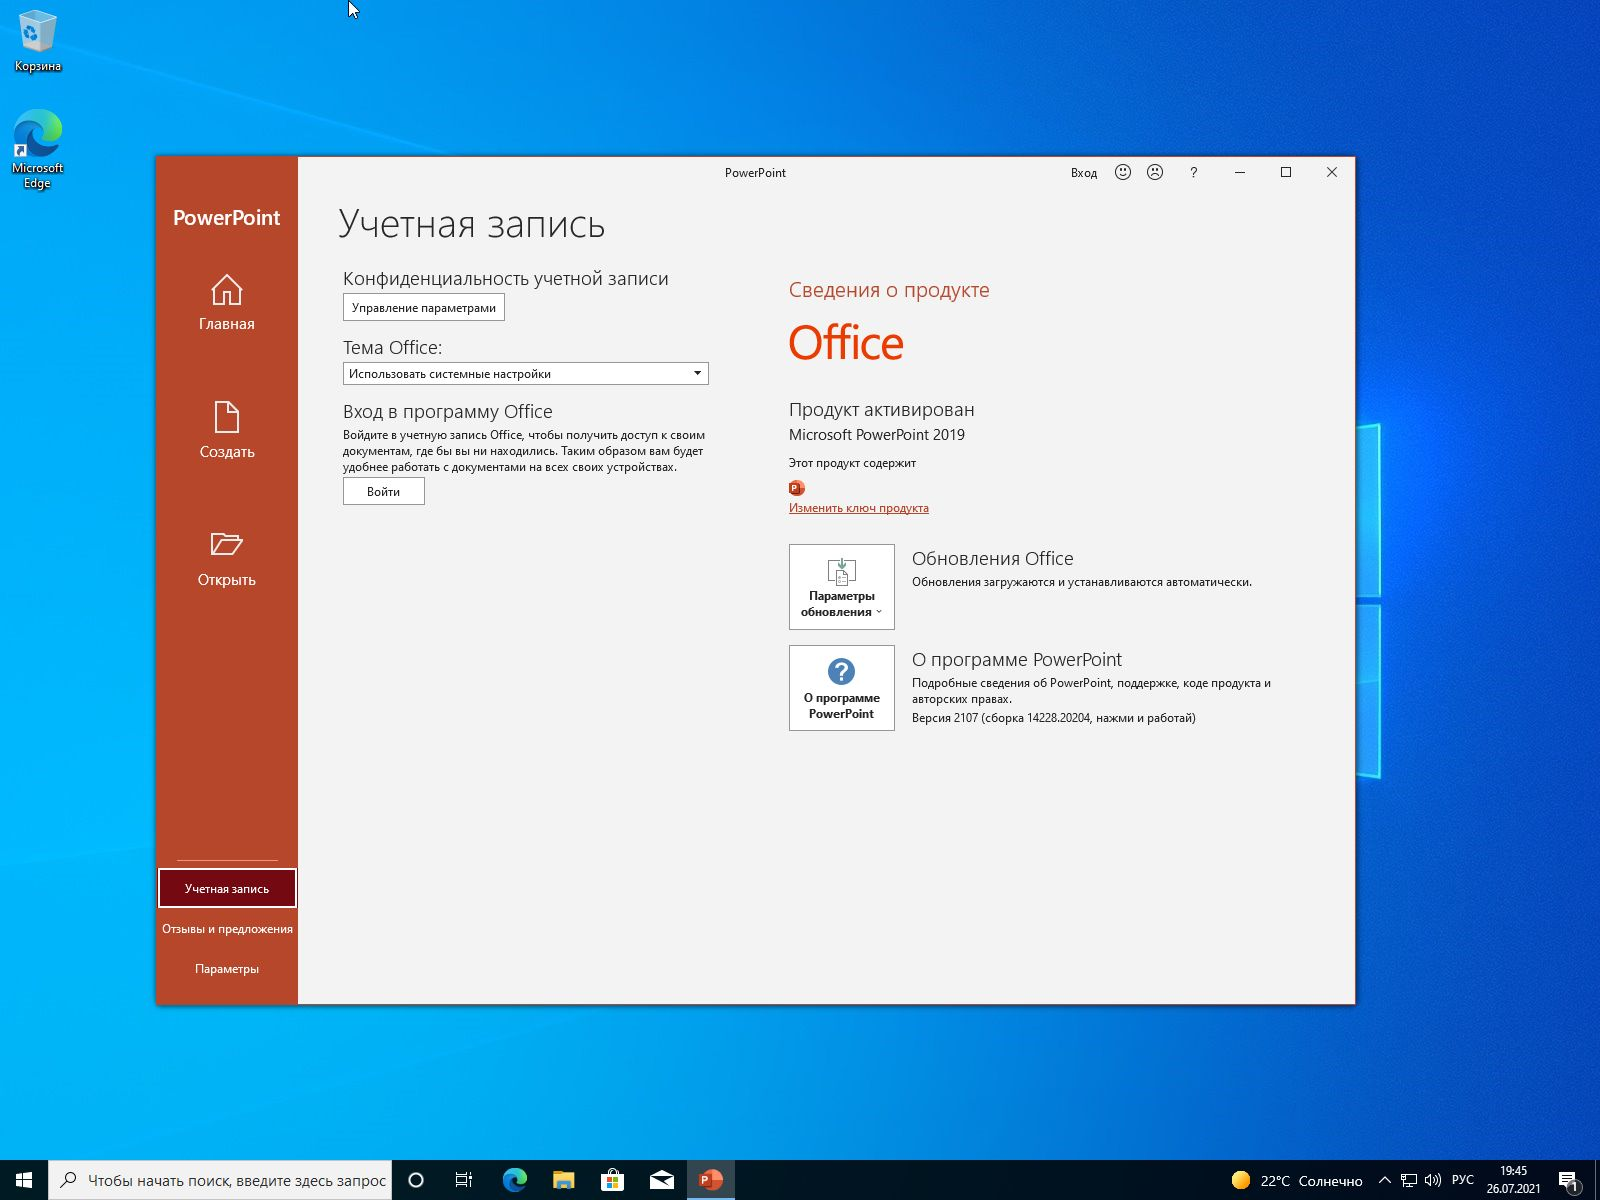 Windows 10 Pro 21H1 Office 2019 v1 x64 by yahooXXX